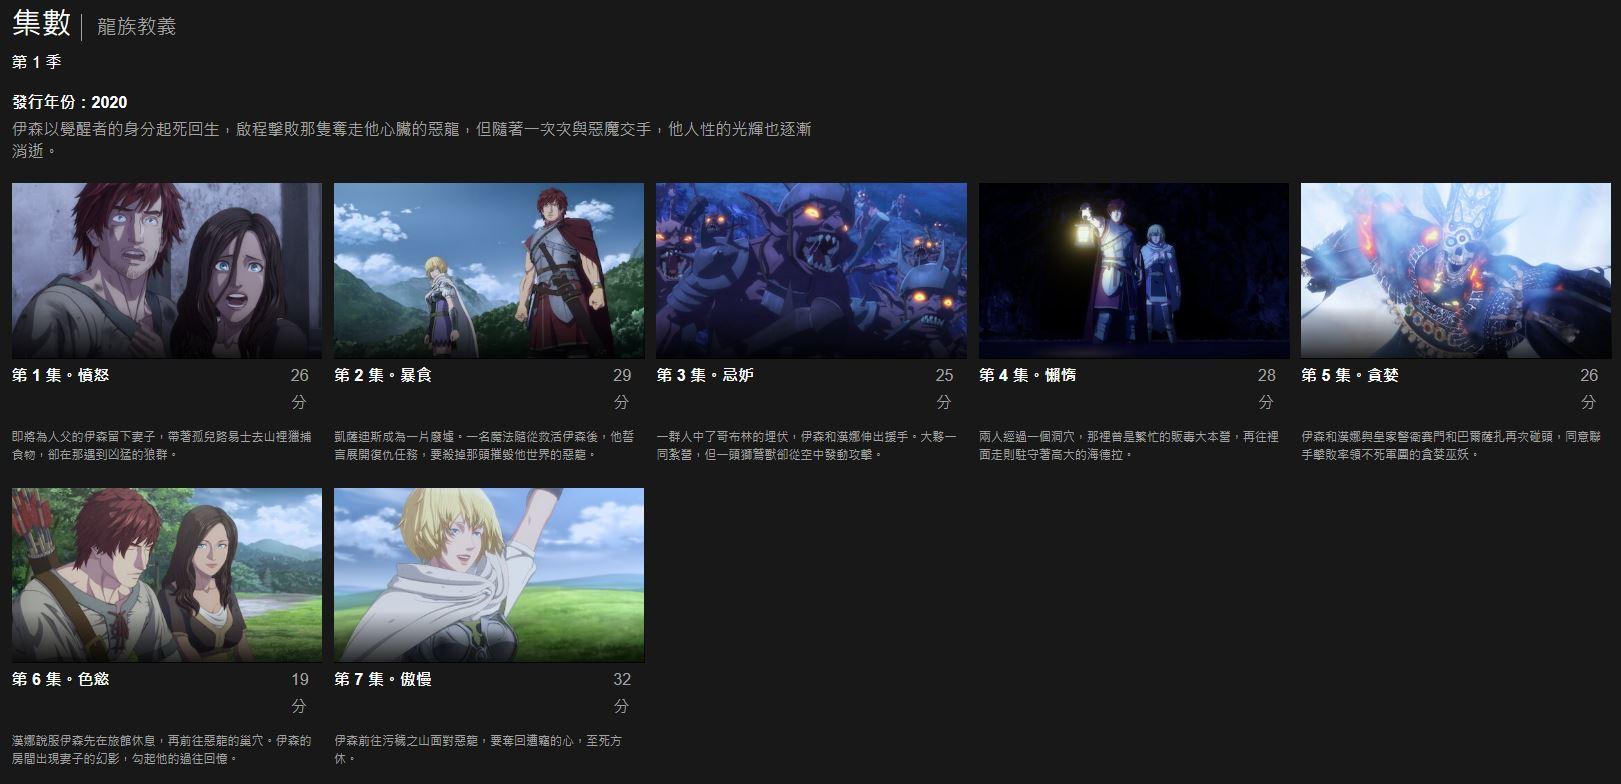 网飞《龙之信条》动画上线 共7集总时长约3小时